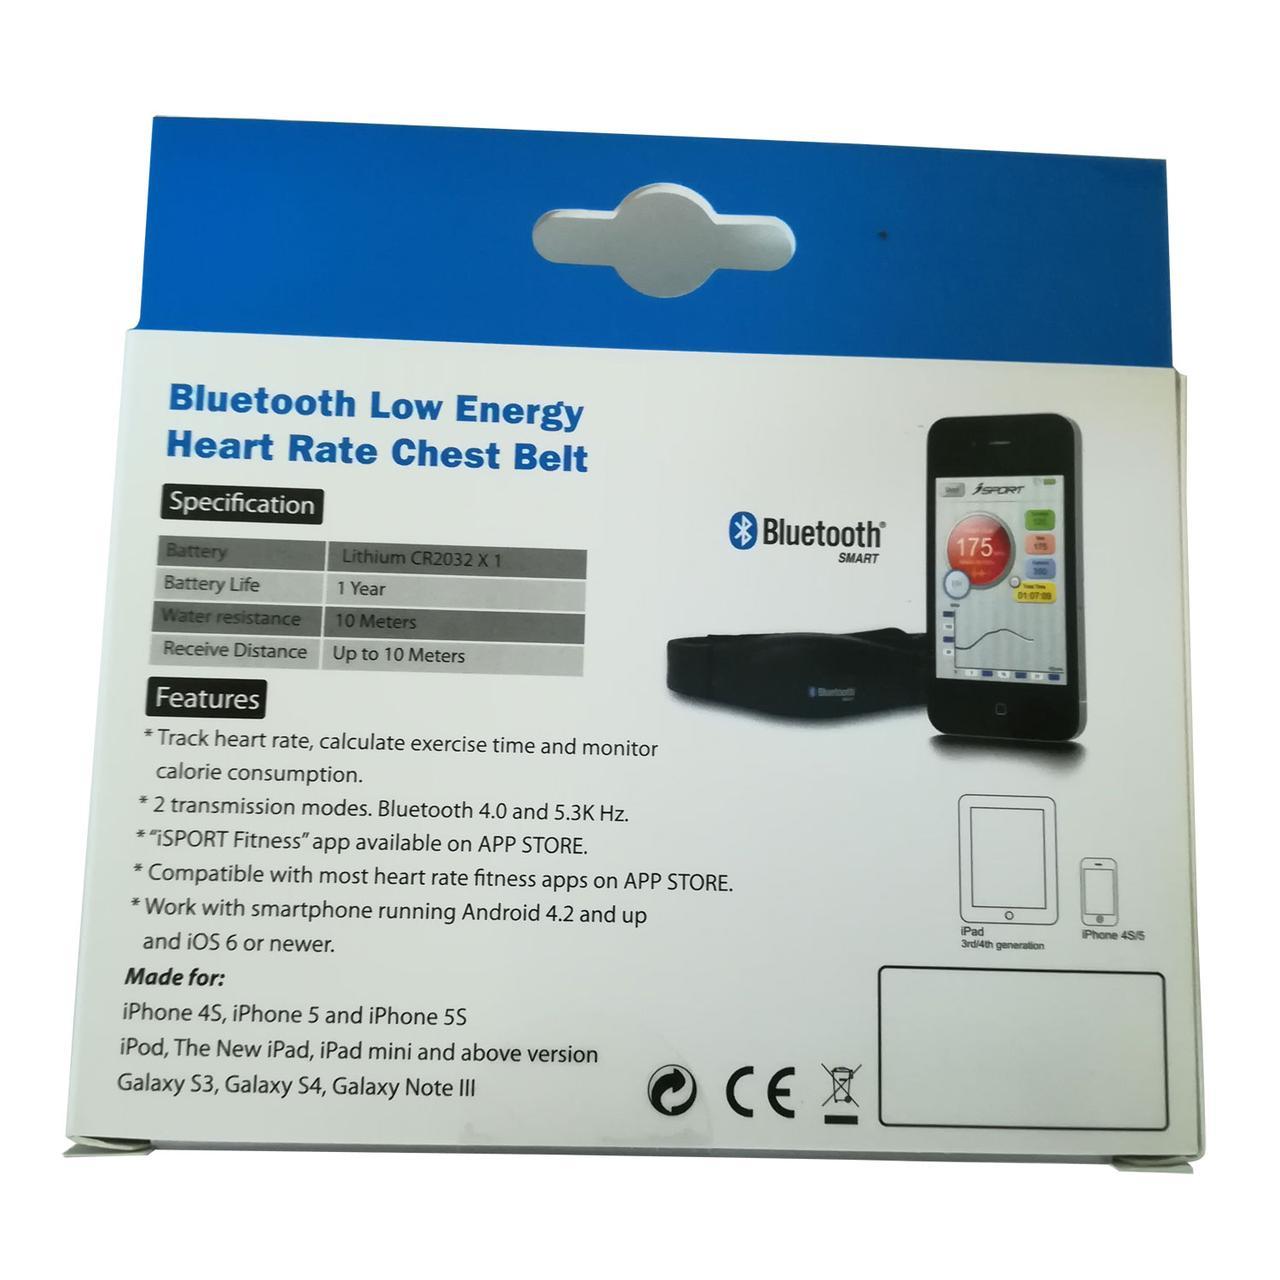 Нагрудный кардиодатчик Bluetooth 4.0 и 5.3кГц DFC W227Q - фото 5